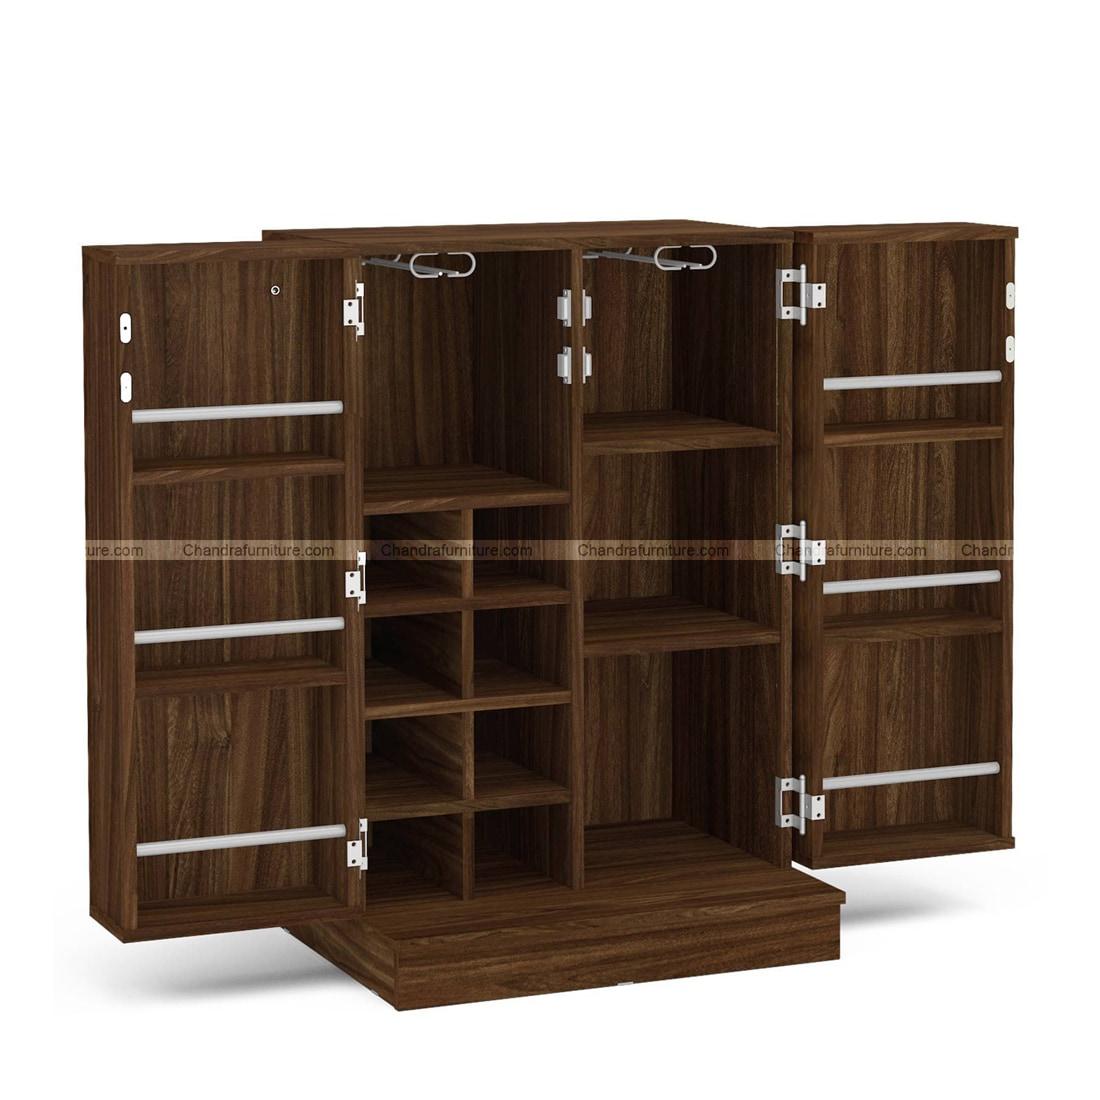 Chandra Furniture Hibiki Bar Cabinet In Walnut Brown Finish